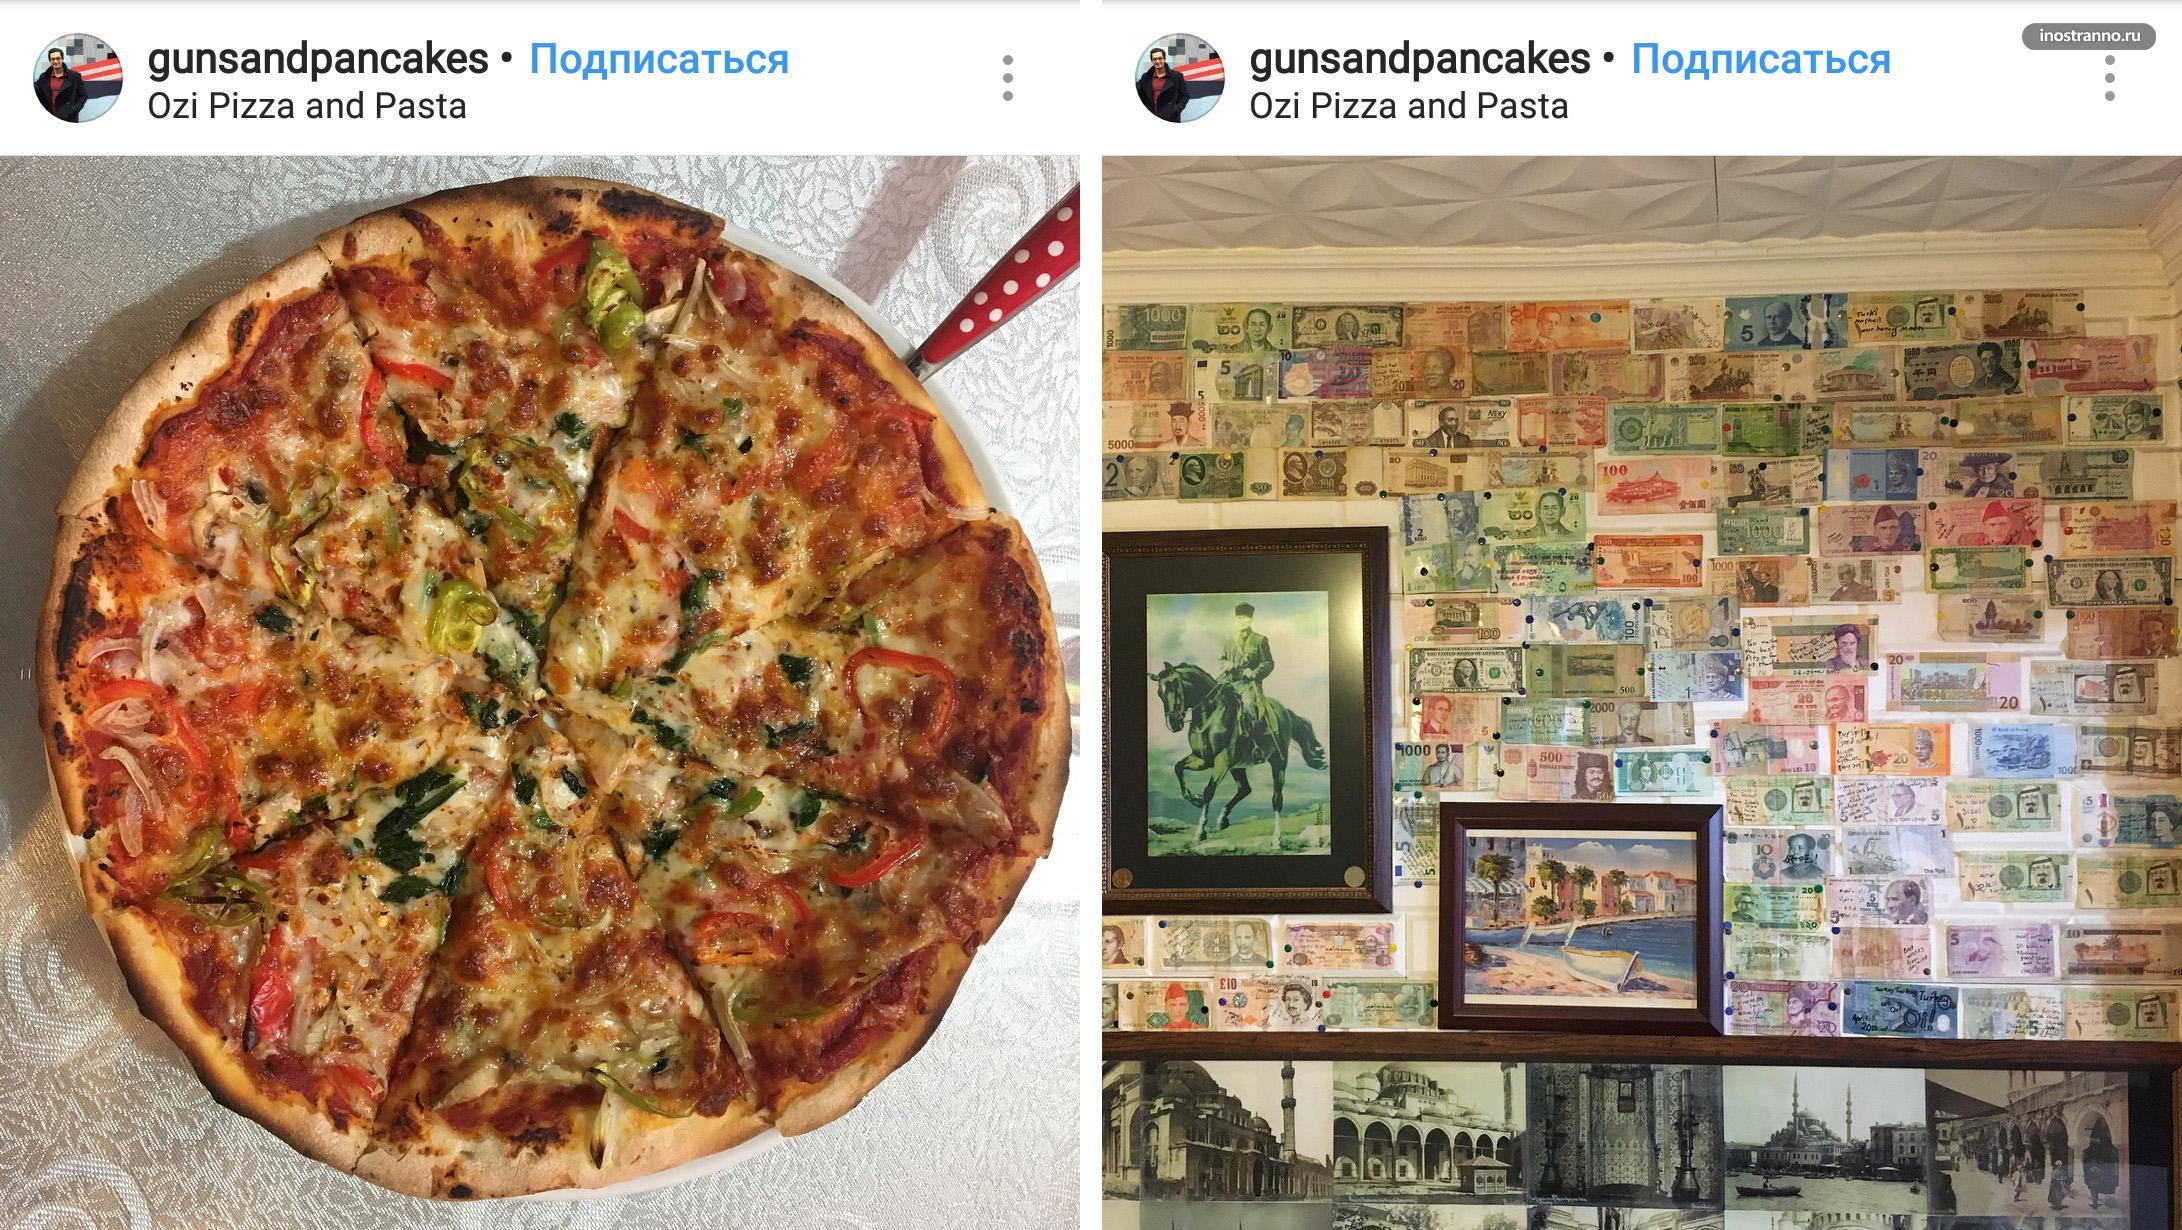 Ozi Pizza and Pasta пиццерия в Стамбуле